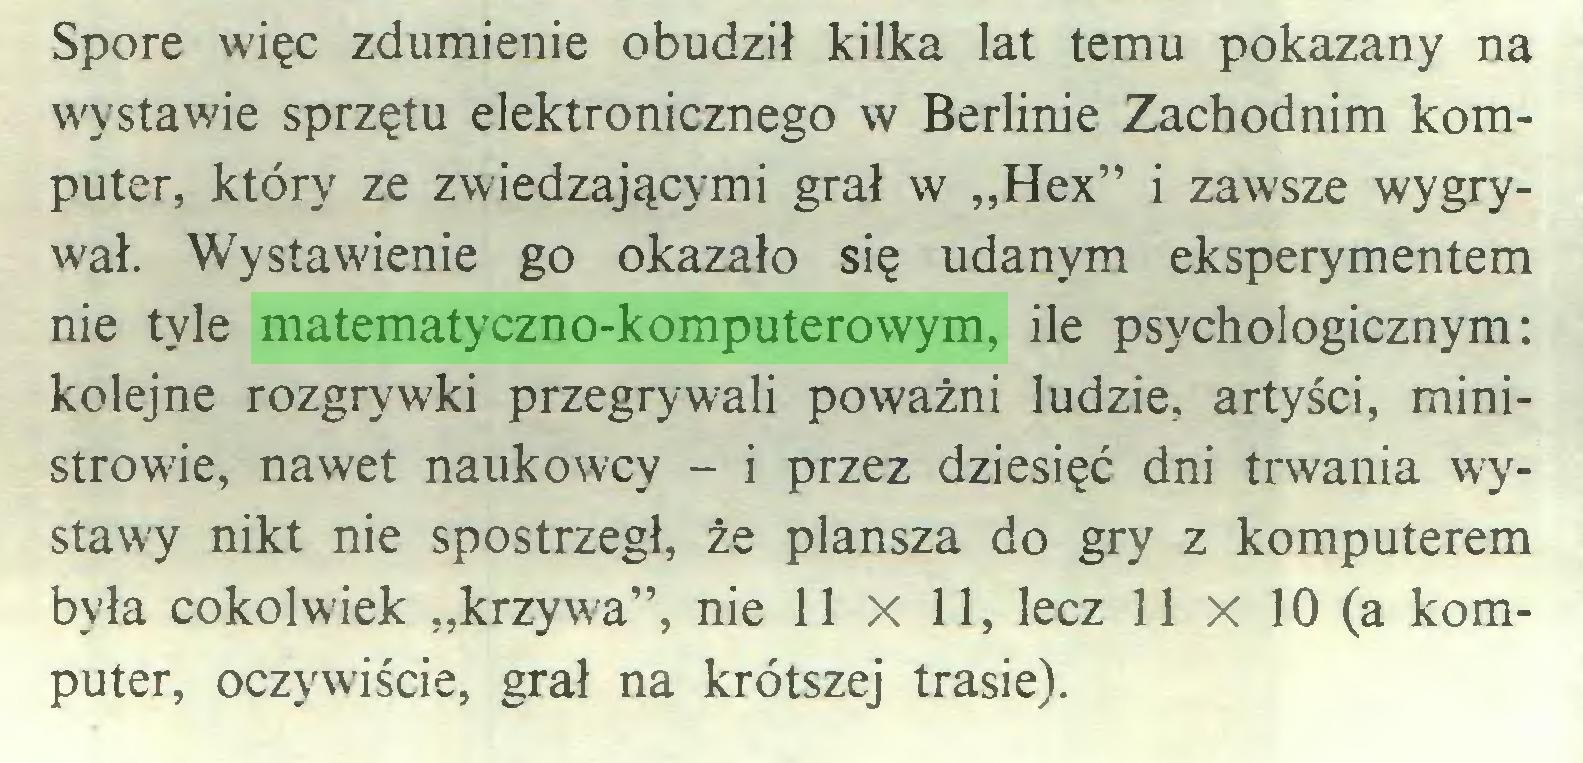 """(...) Spore więc zdumienie obudził kilka lat temu pokazany na wystawie sprzętu elektronicznego w Berlinie Zachodnim komputer, który ze zwiedzającymi grał w """"Hex"""" i zawsze wygrywał. Wystawienie go okazało się udanym eksperymentem nie tyle matematyczno-komputerowym, ile psychologicznym: kolejne rozgrywki przegrywali poważni ludzie, artyści, ministrowie, nawet naukowcy - i przez dziesięć dni trwania wystawy nikt nie spostrzegł, że plansza do gry z komputerem była cokolwiek """"krzywa"""", nie 11 X 11, lecz 11 x 10 (a komputer, oczywiście, grał na krótszej trasie)..."""